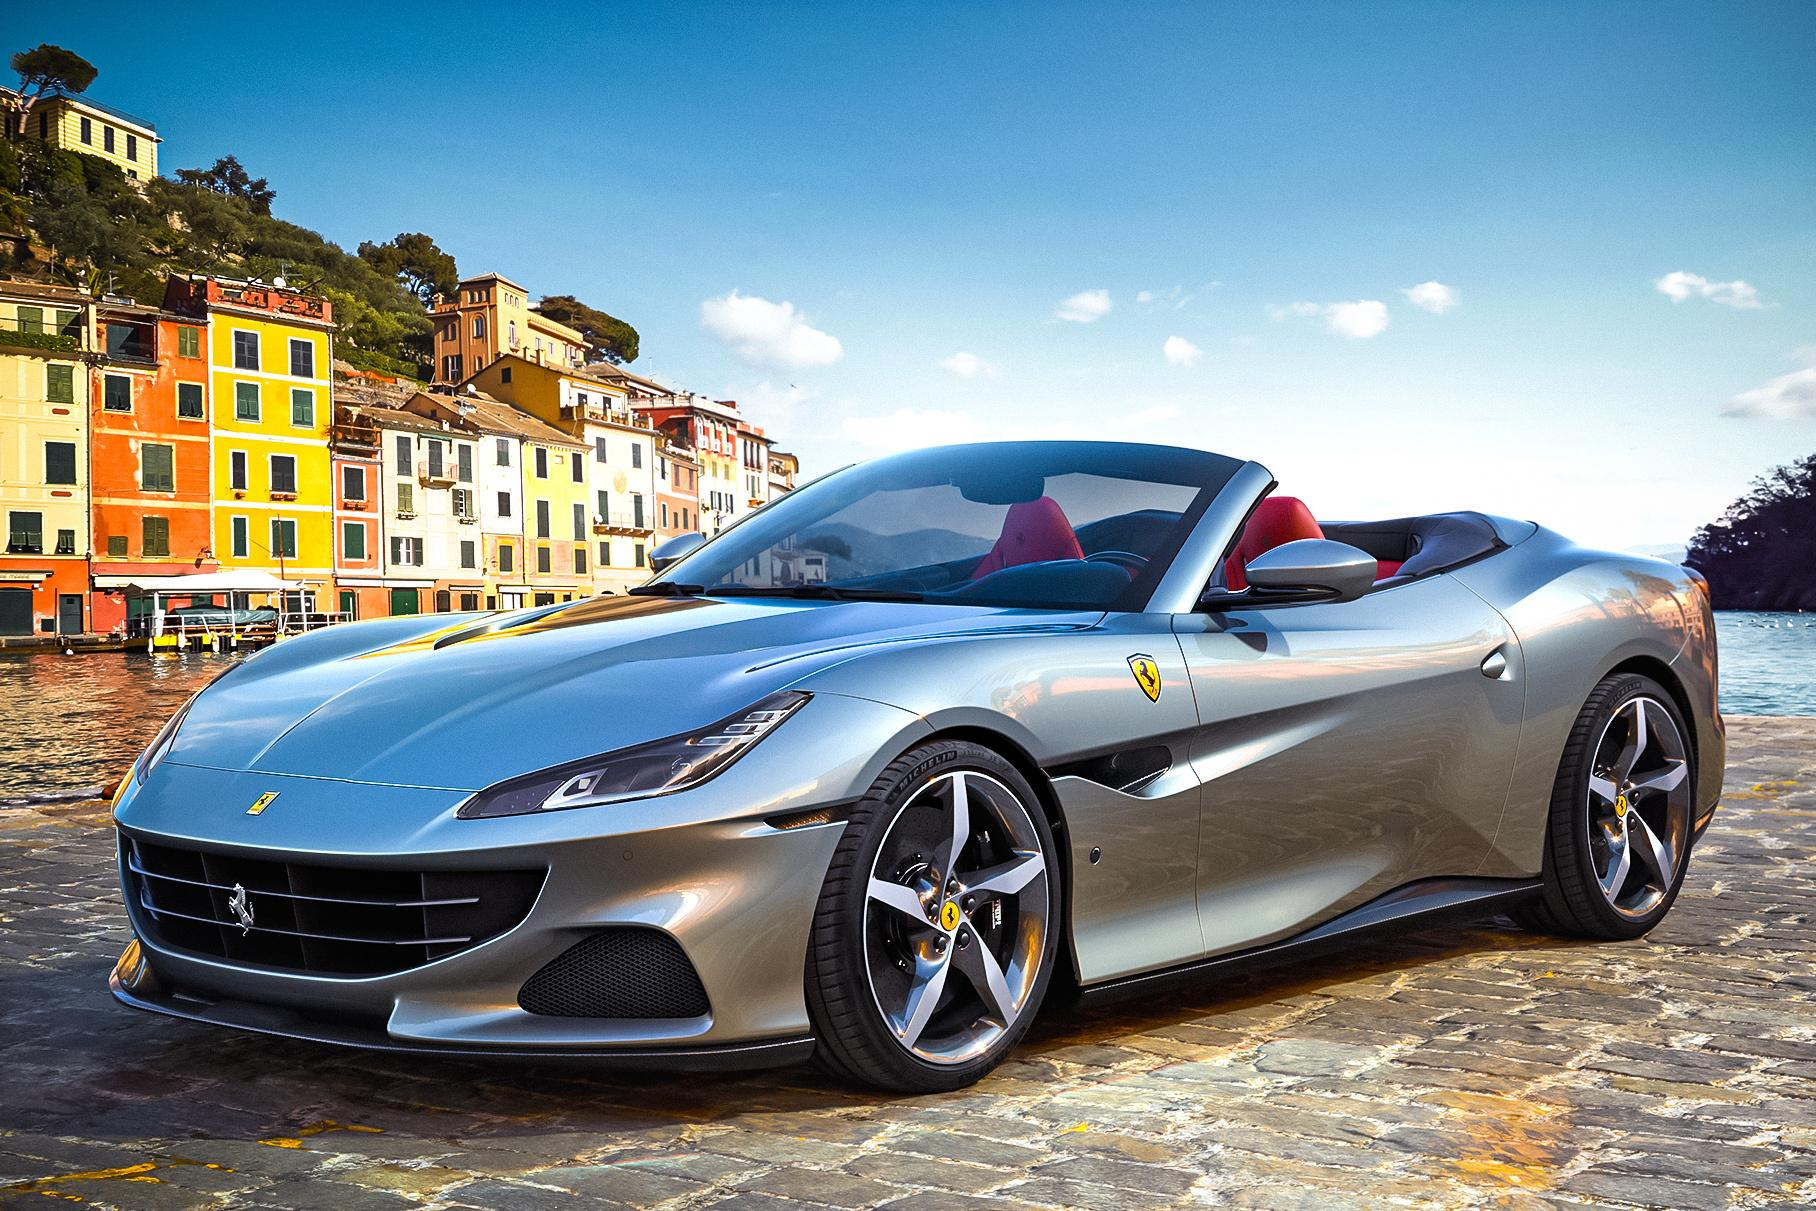 Ferrari has premiered Portofino M, where the 'M' stands for 'Modificata'. The convertible sports both design and powertrain improvements.